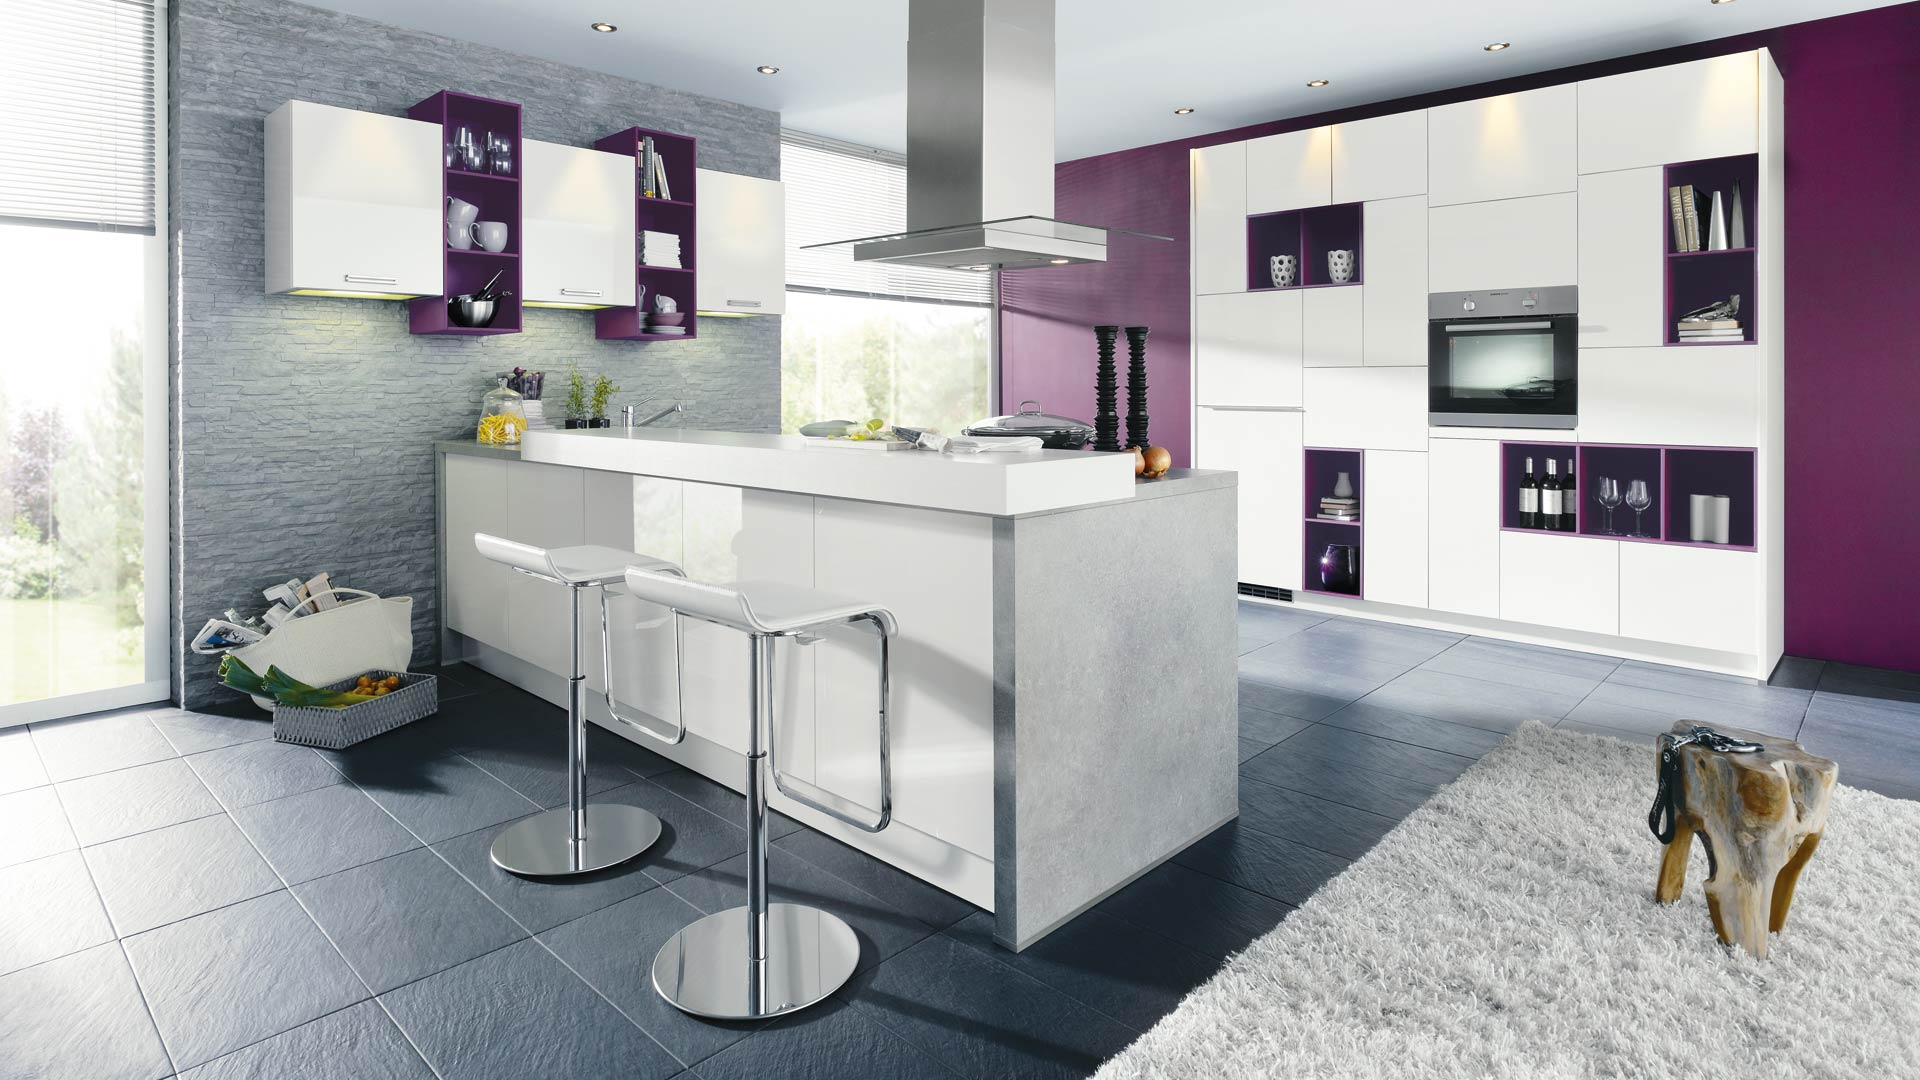 Küchen Emden global küchen 54140 55100 in norden ot neustadt nahe emden